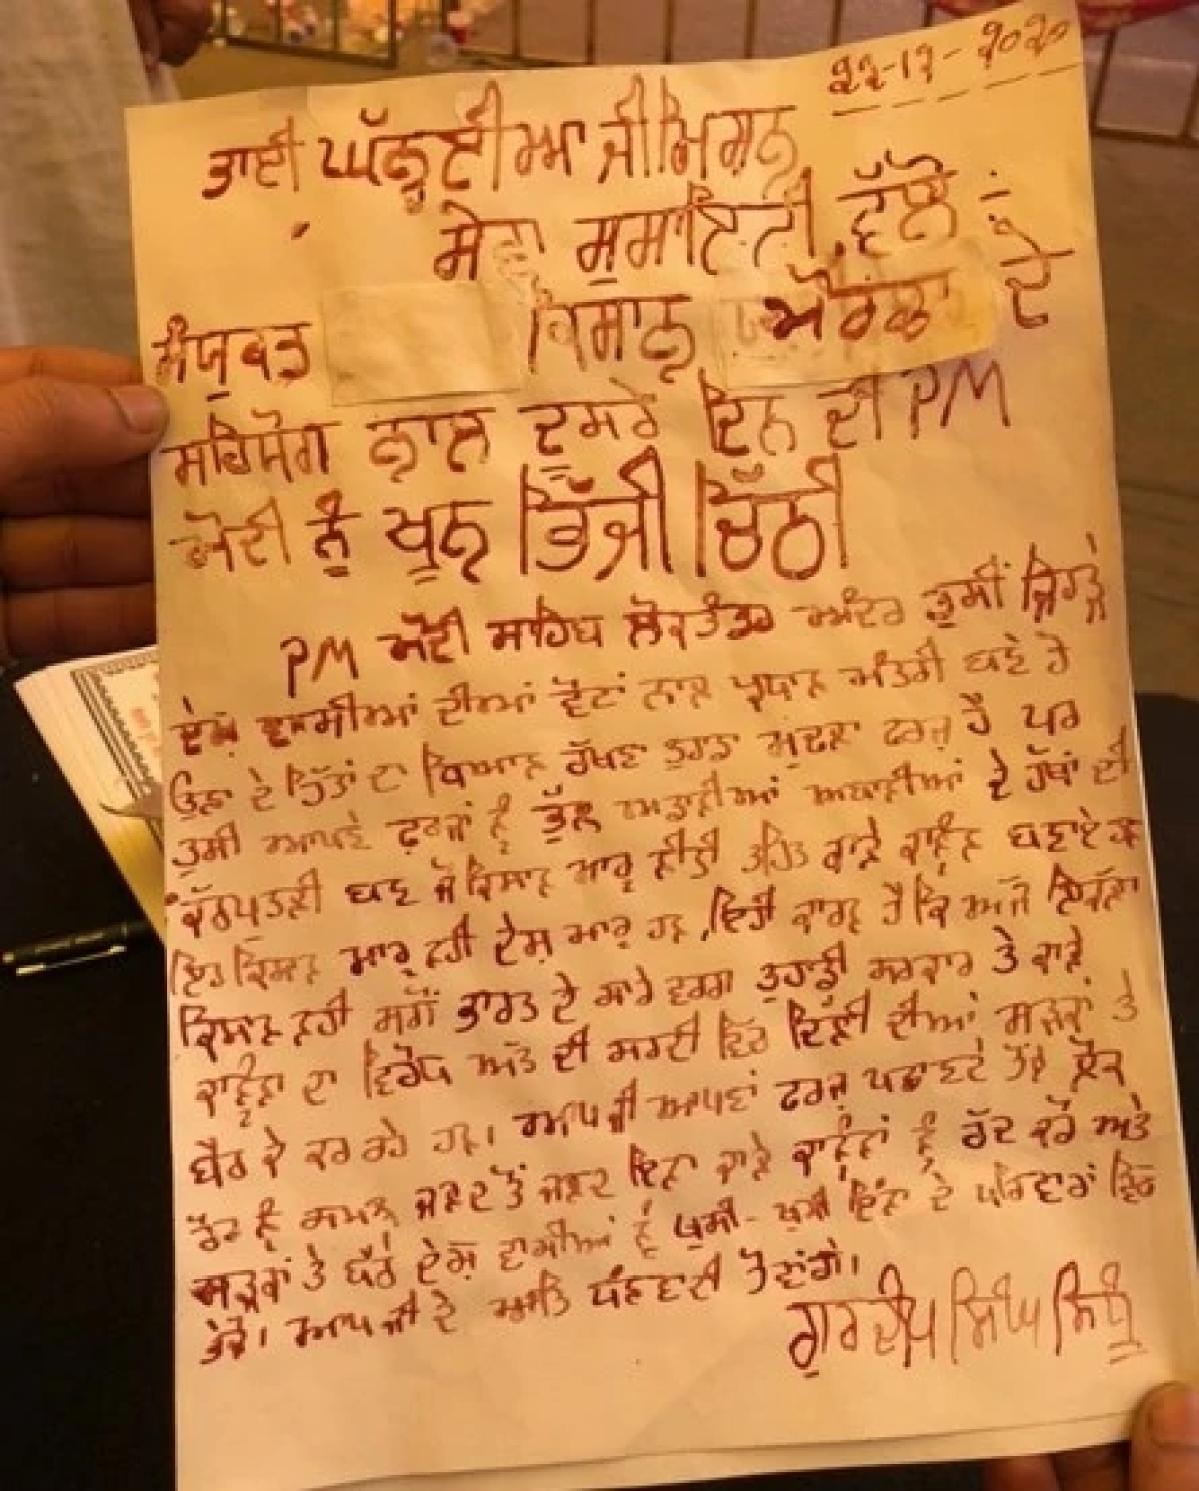 The letter, written in farmers' blood